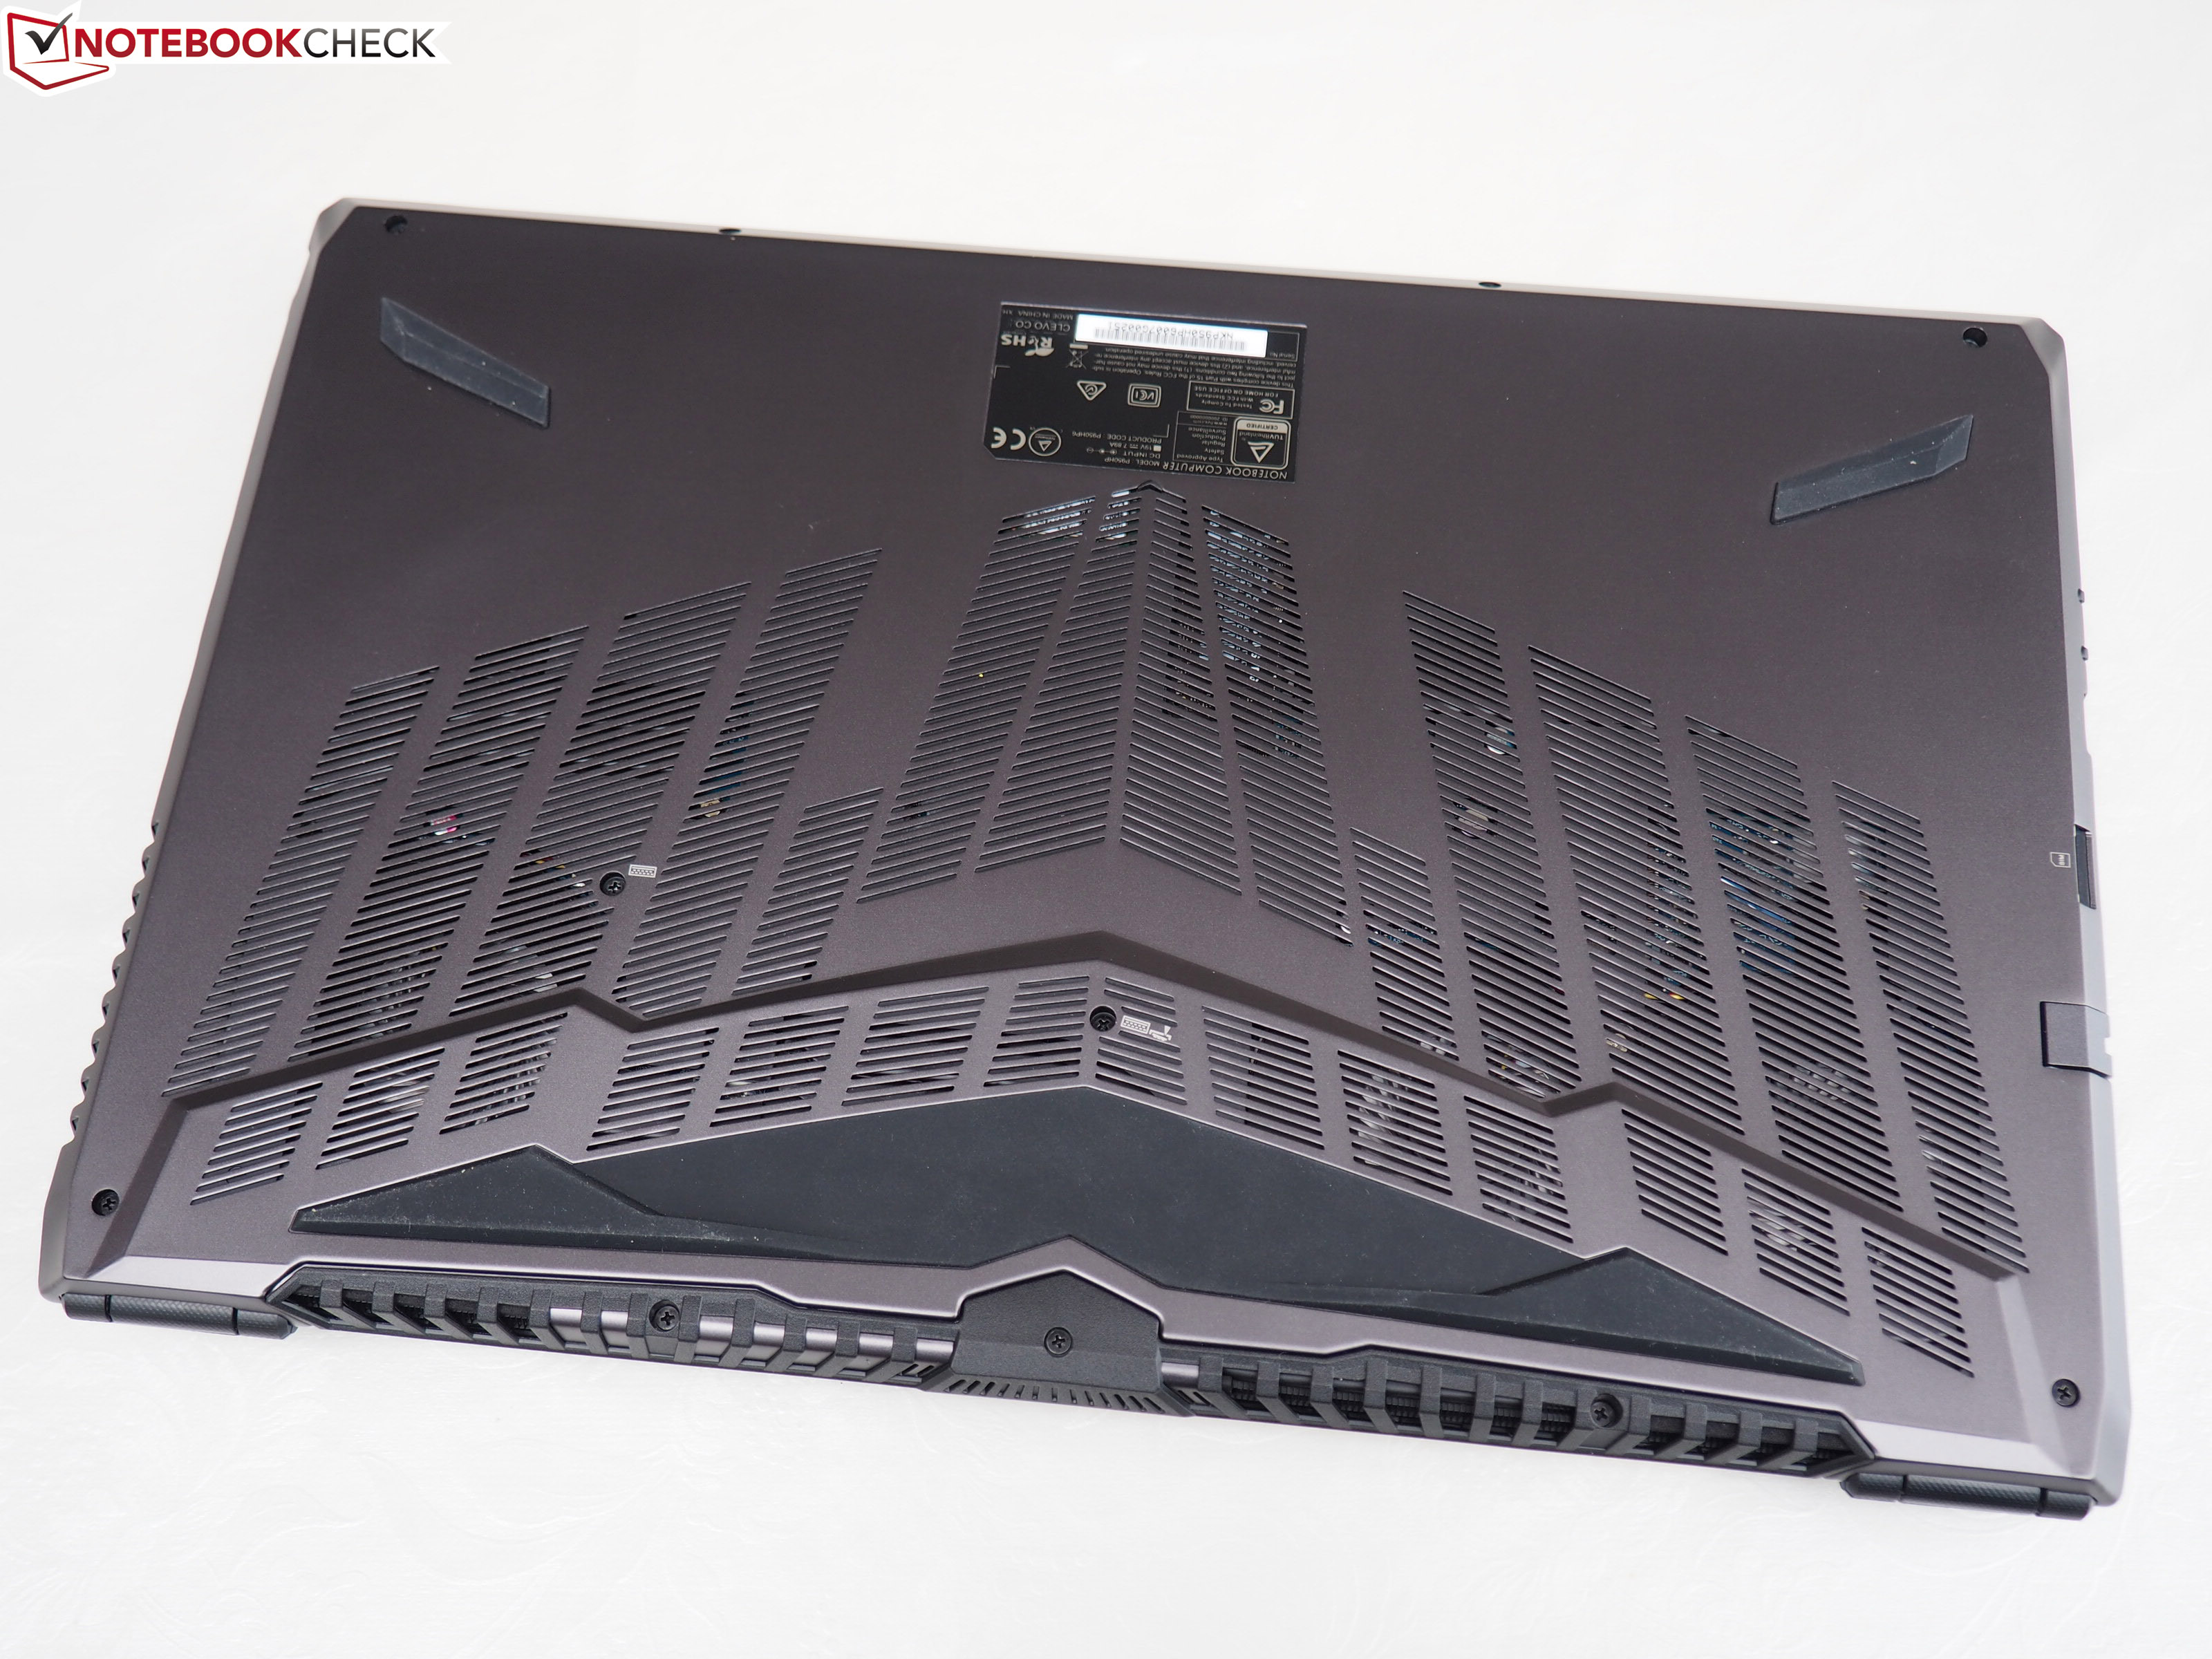 Guru Fire KS (Clevo P950HP6) Laptop Review - NotebookCheck net Reviews